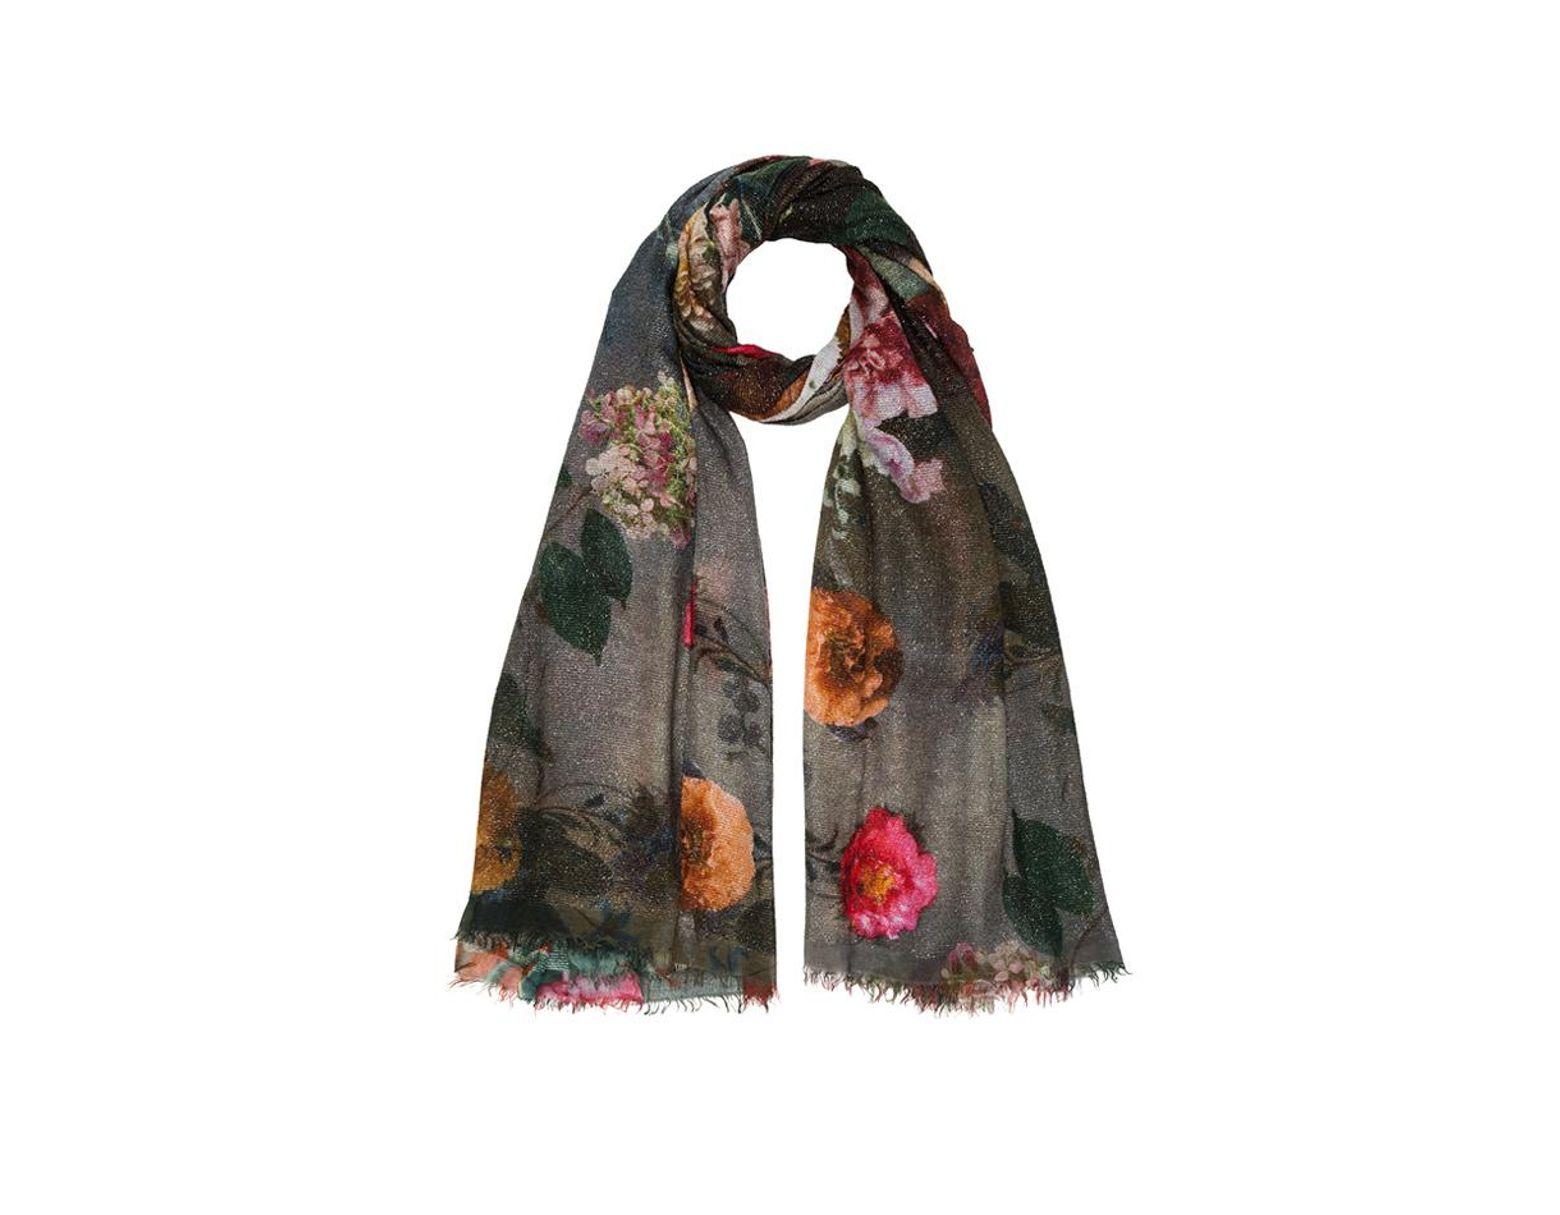 5ddfa1ed0f Women's Flowers Scarf Dark Sparkly Gray With Dark Jewel Tone Flowers